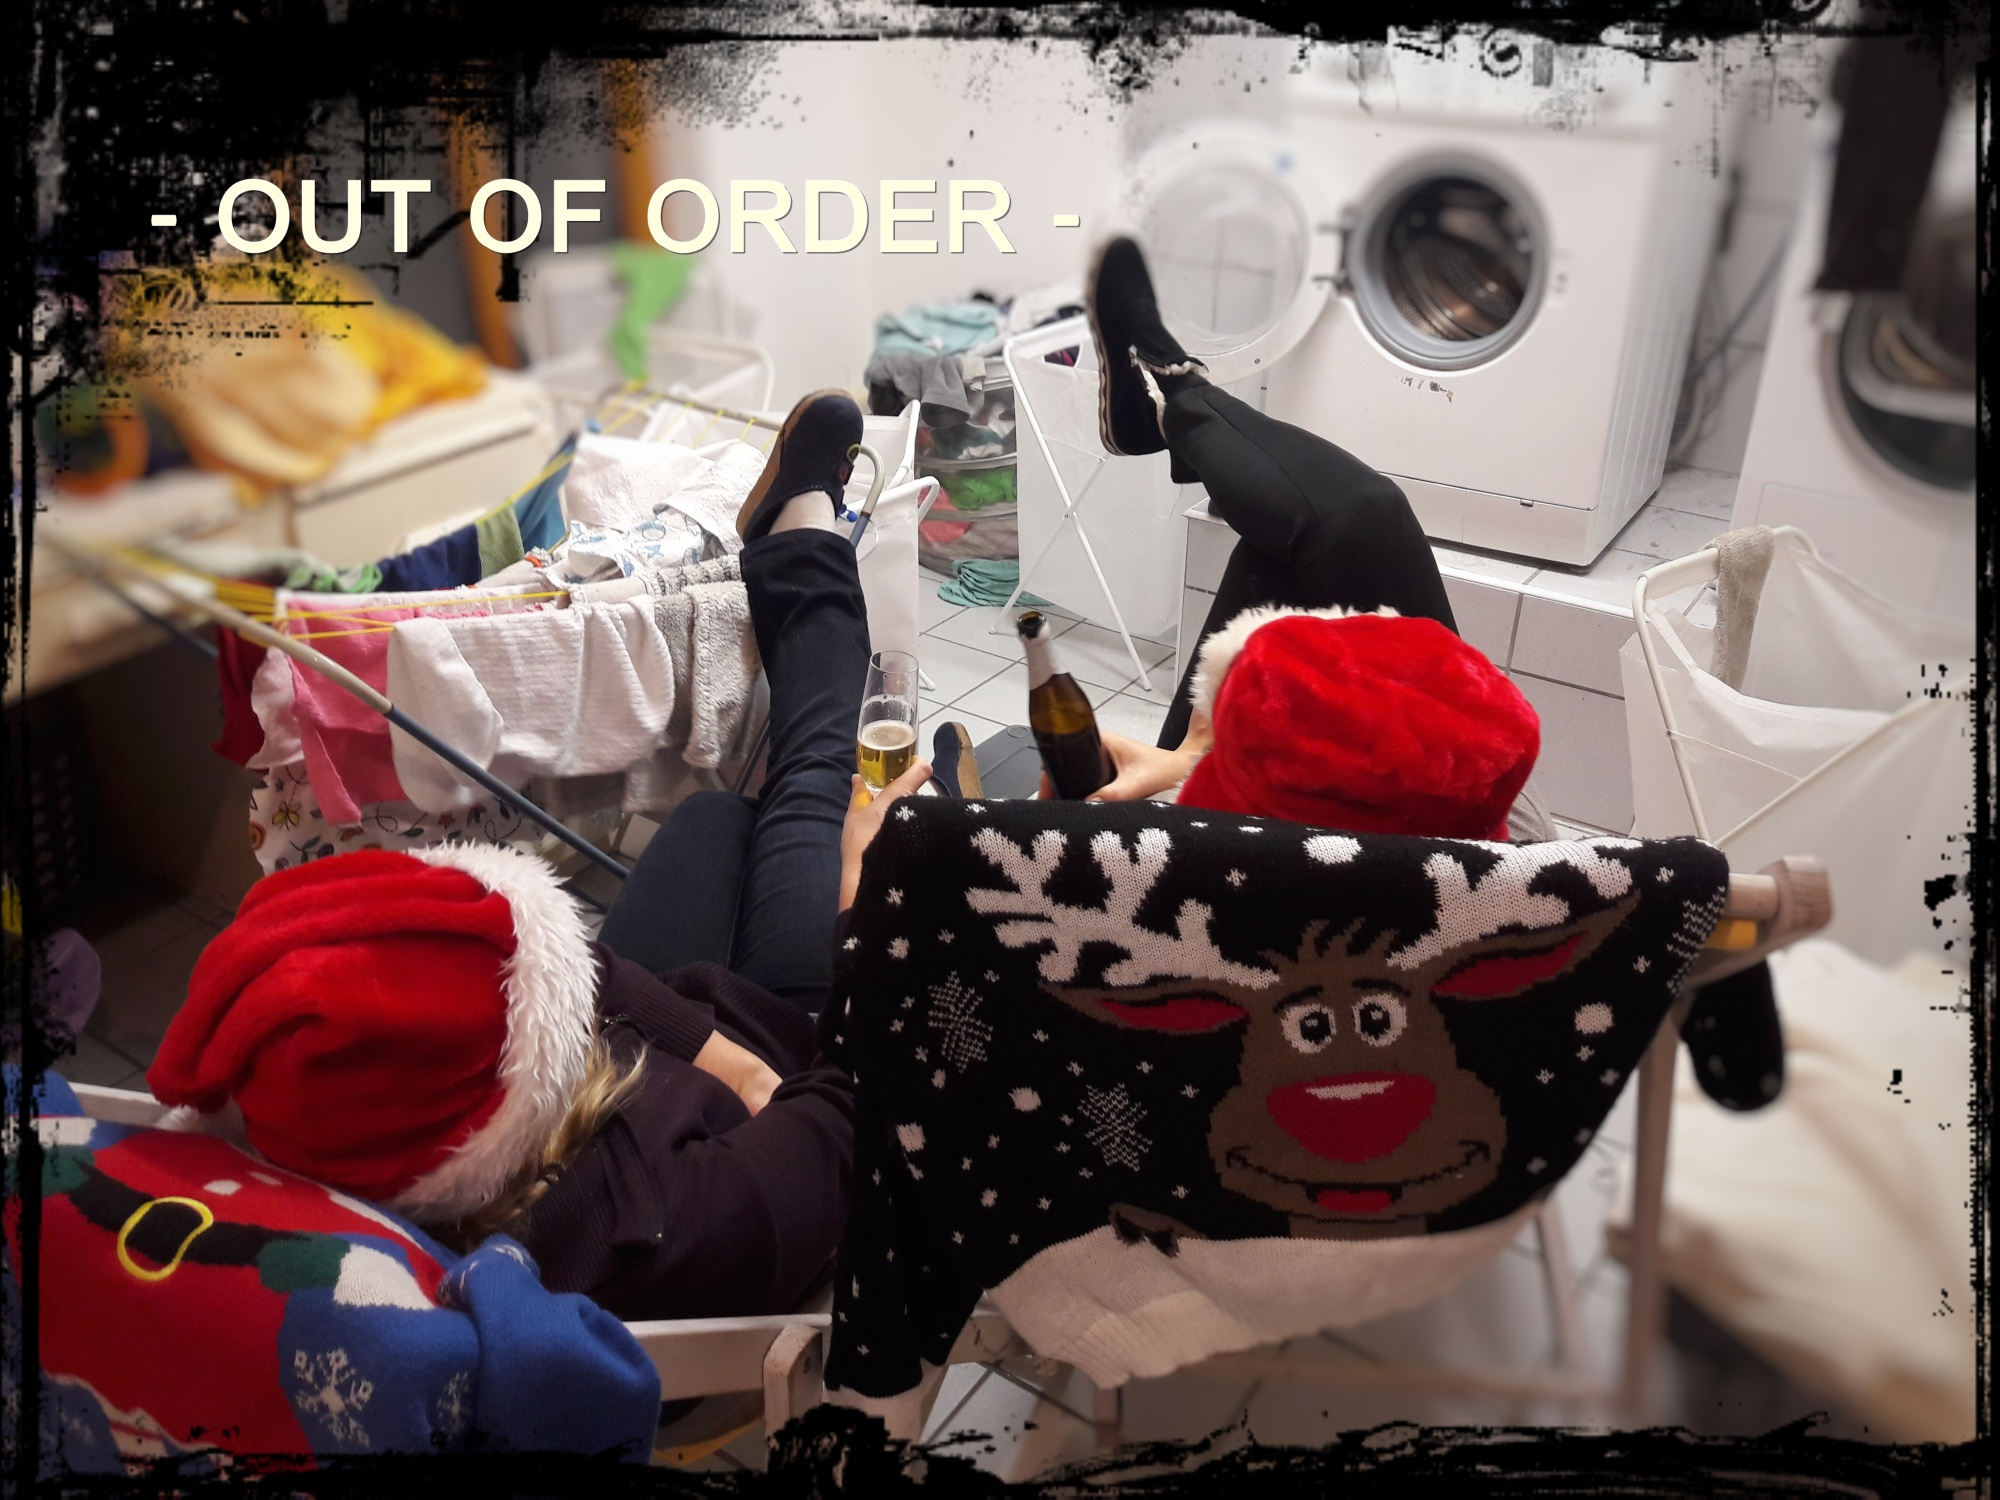 Das Bild zeigt Flitzer und Glitzer in Urlaubslaune. In Liegestühlen liegend, genießen sie ein Glas Sekt, bzw. ein Pils. Um die beiden herum eine chaotische Waschküche, in der mehr als genug Arbeit auf die beiden warten würde. Aber Urlaub ist Urlaub!